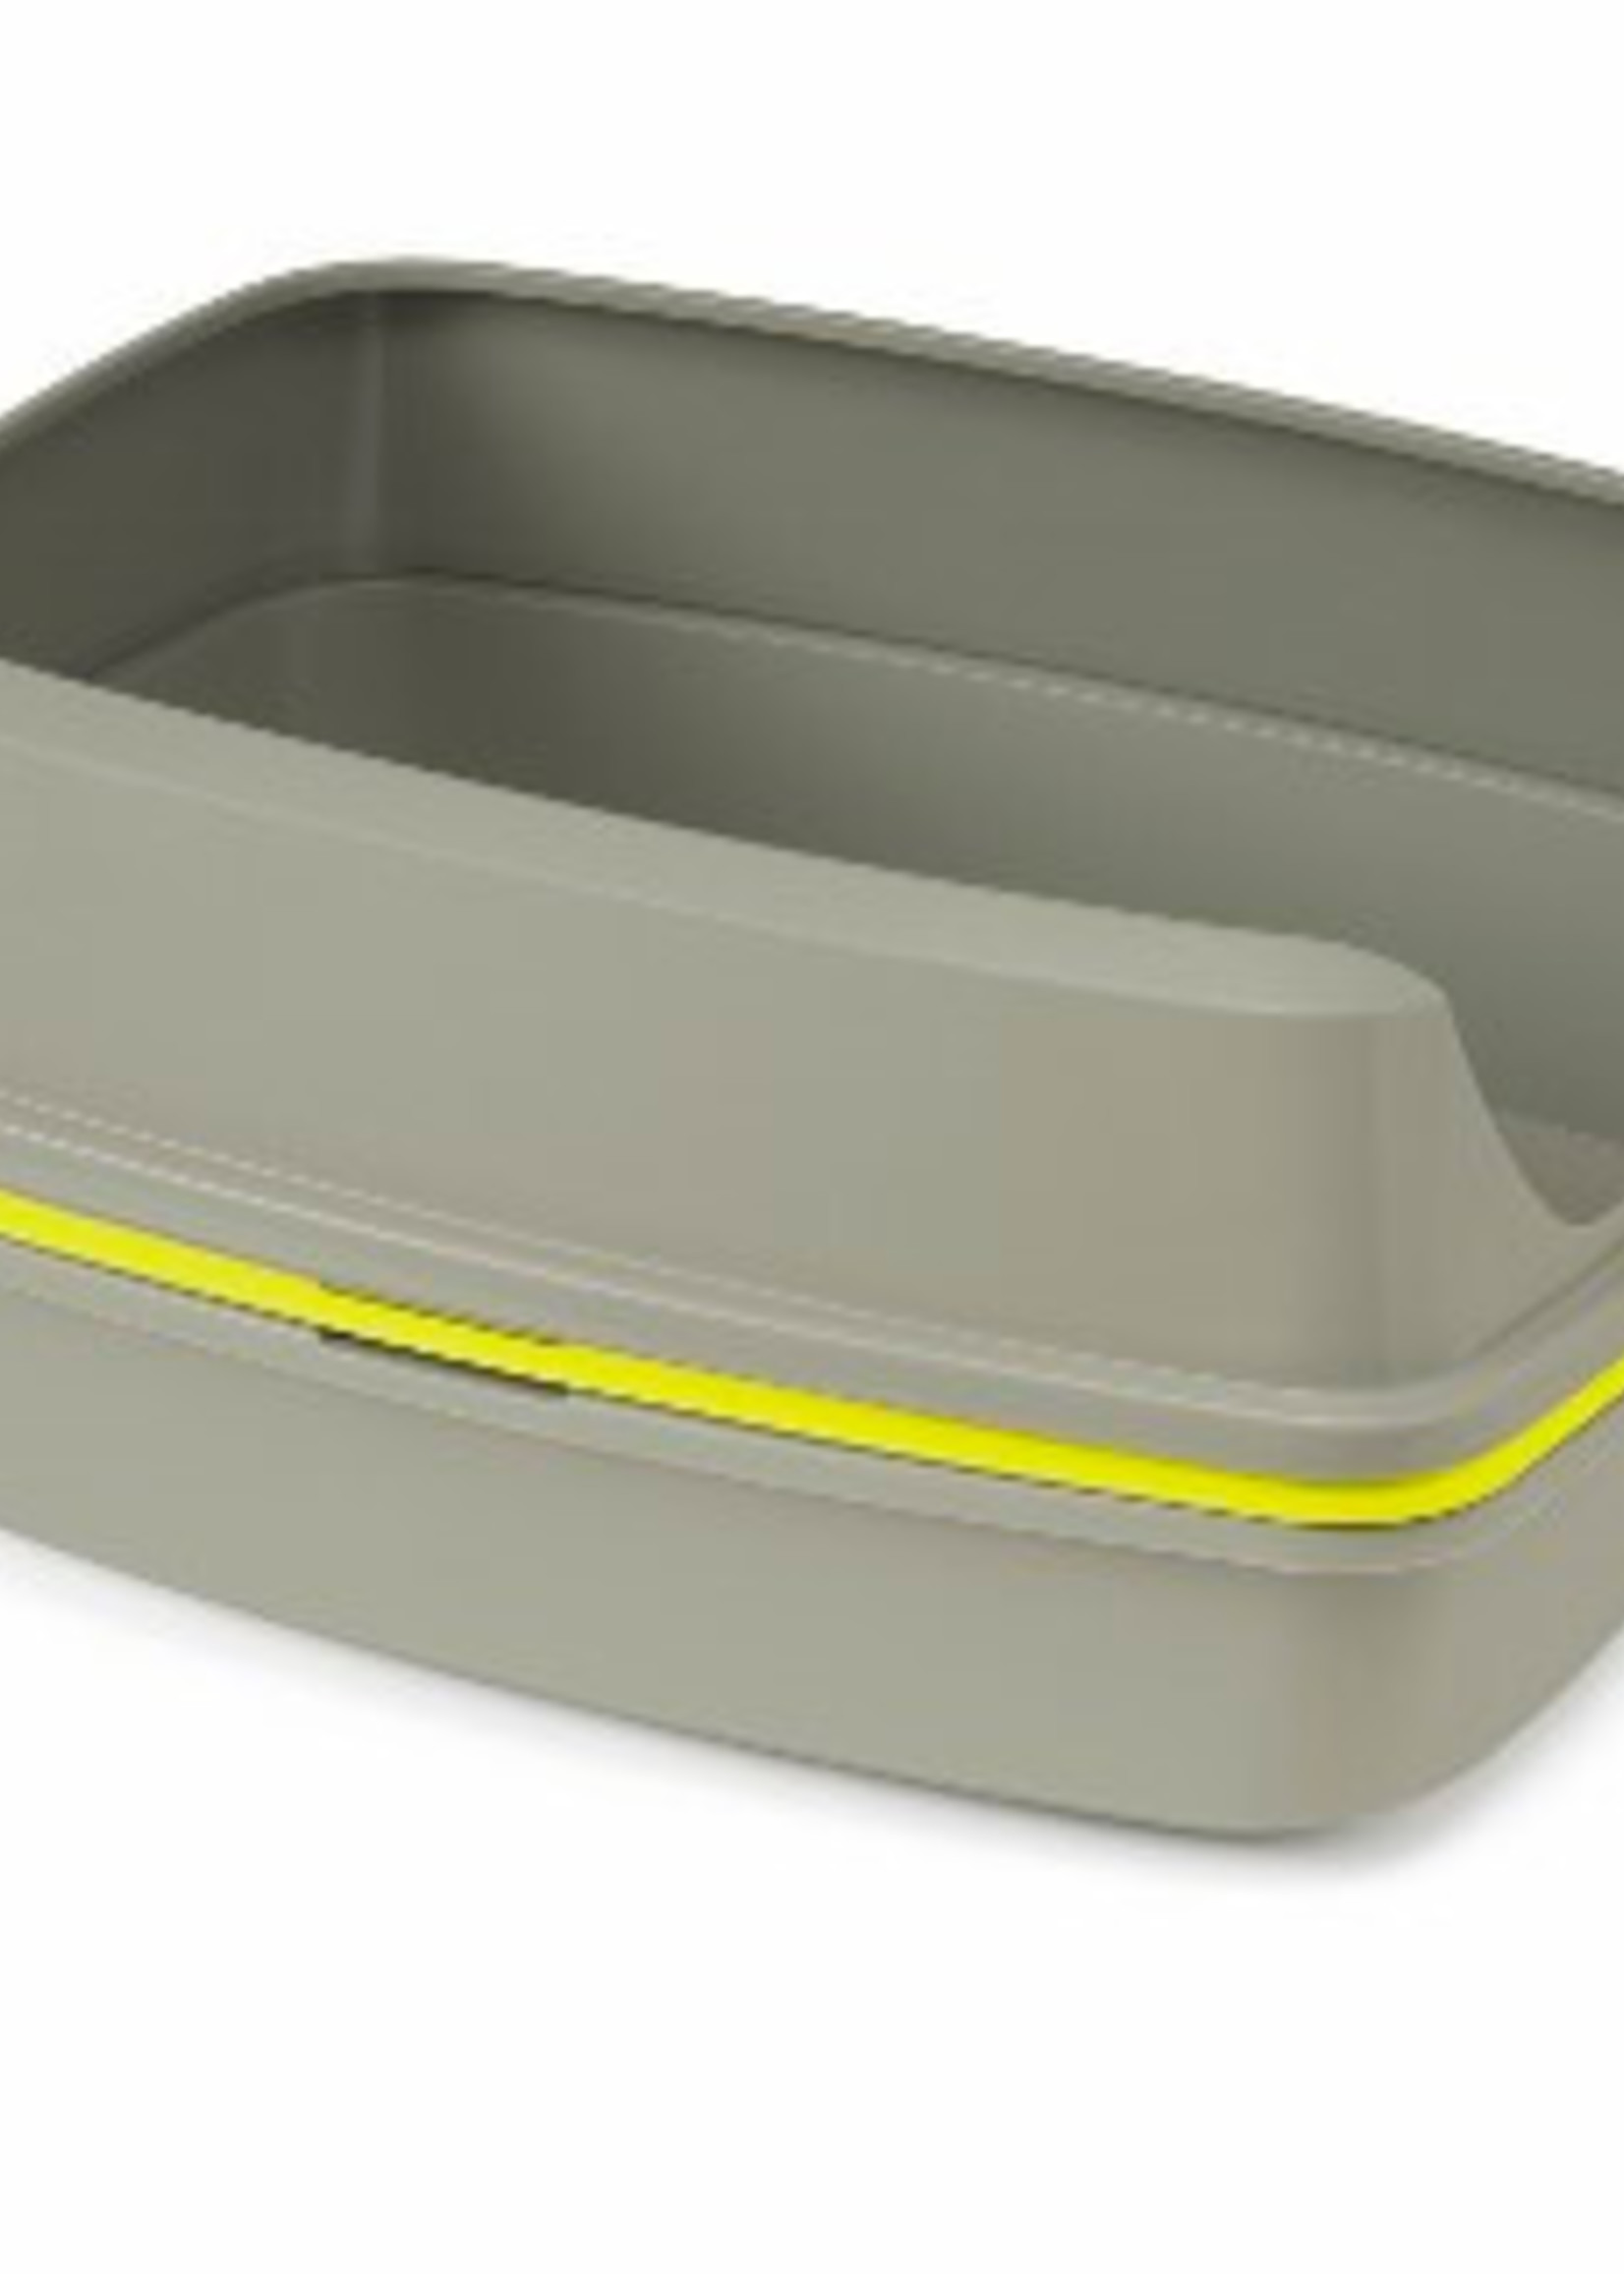 Moderna® MODERNA LIFT TO SIFT LITTER BOX LRG (GREY/LEMON)